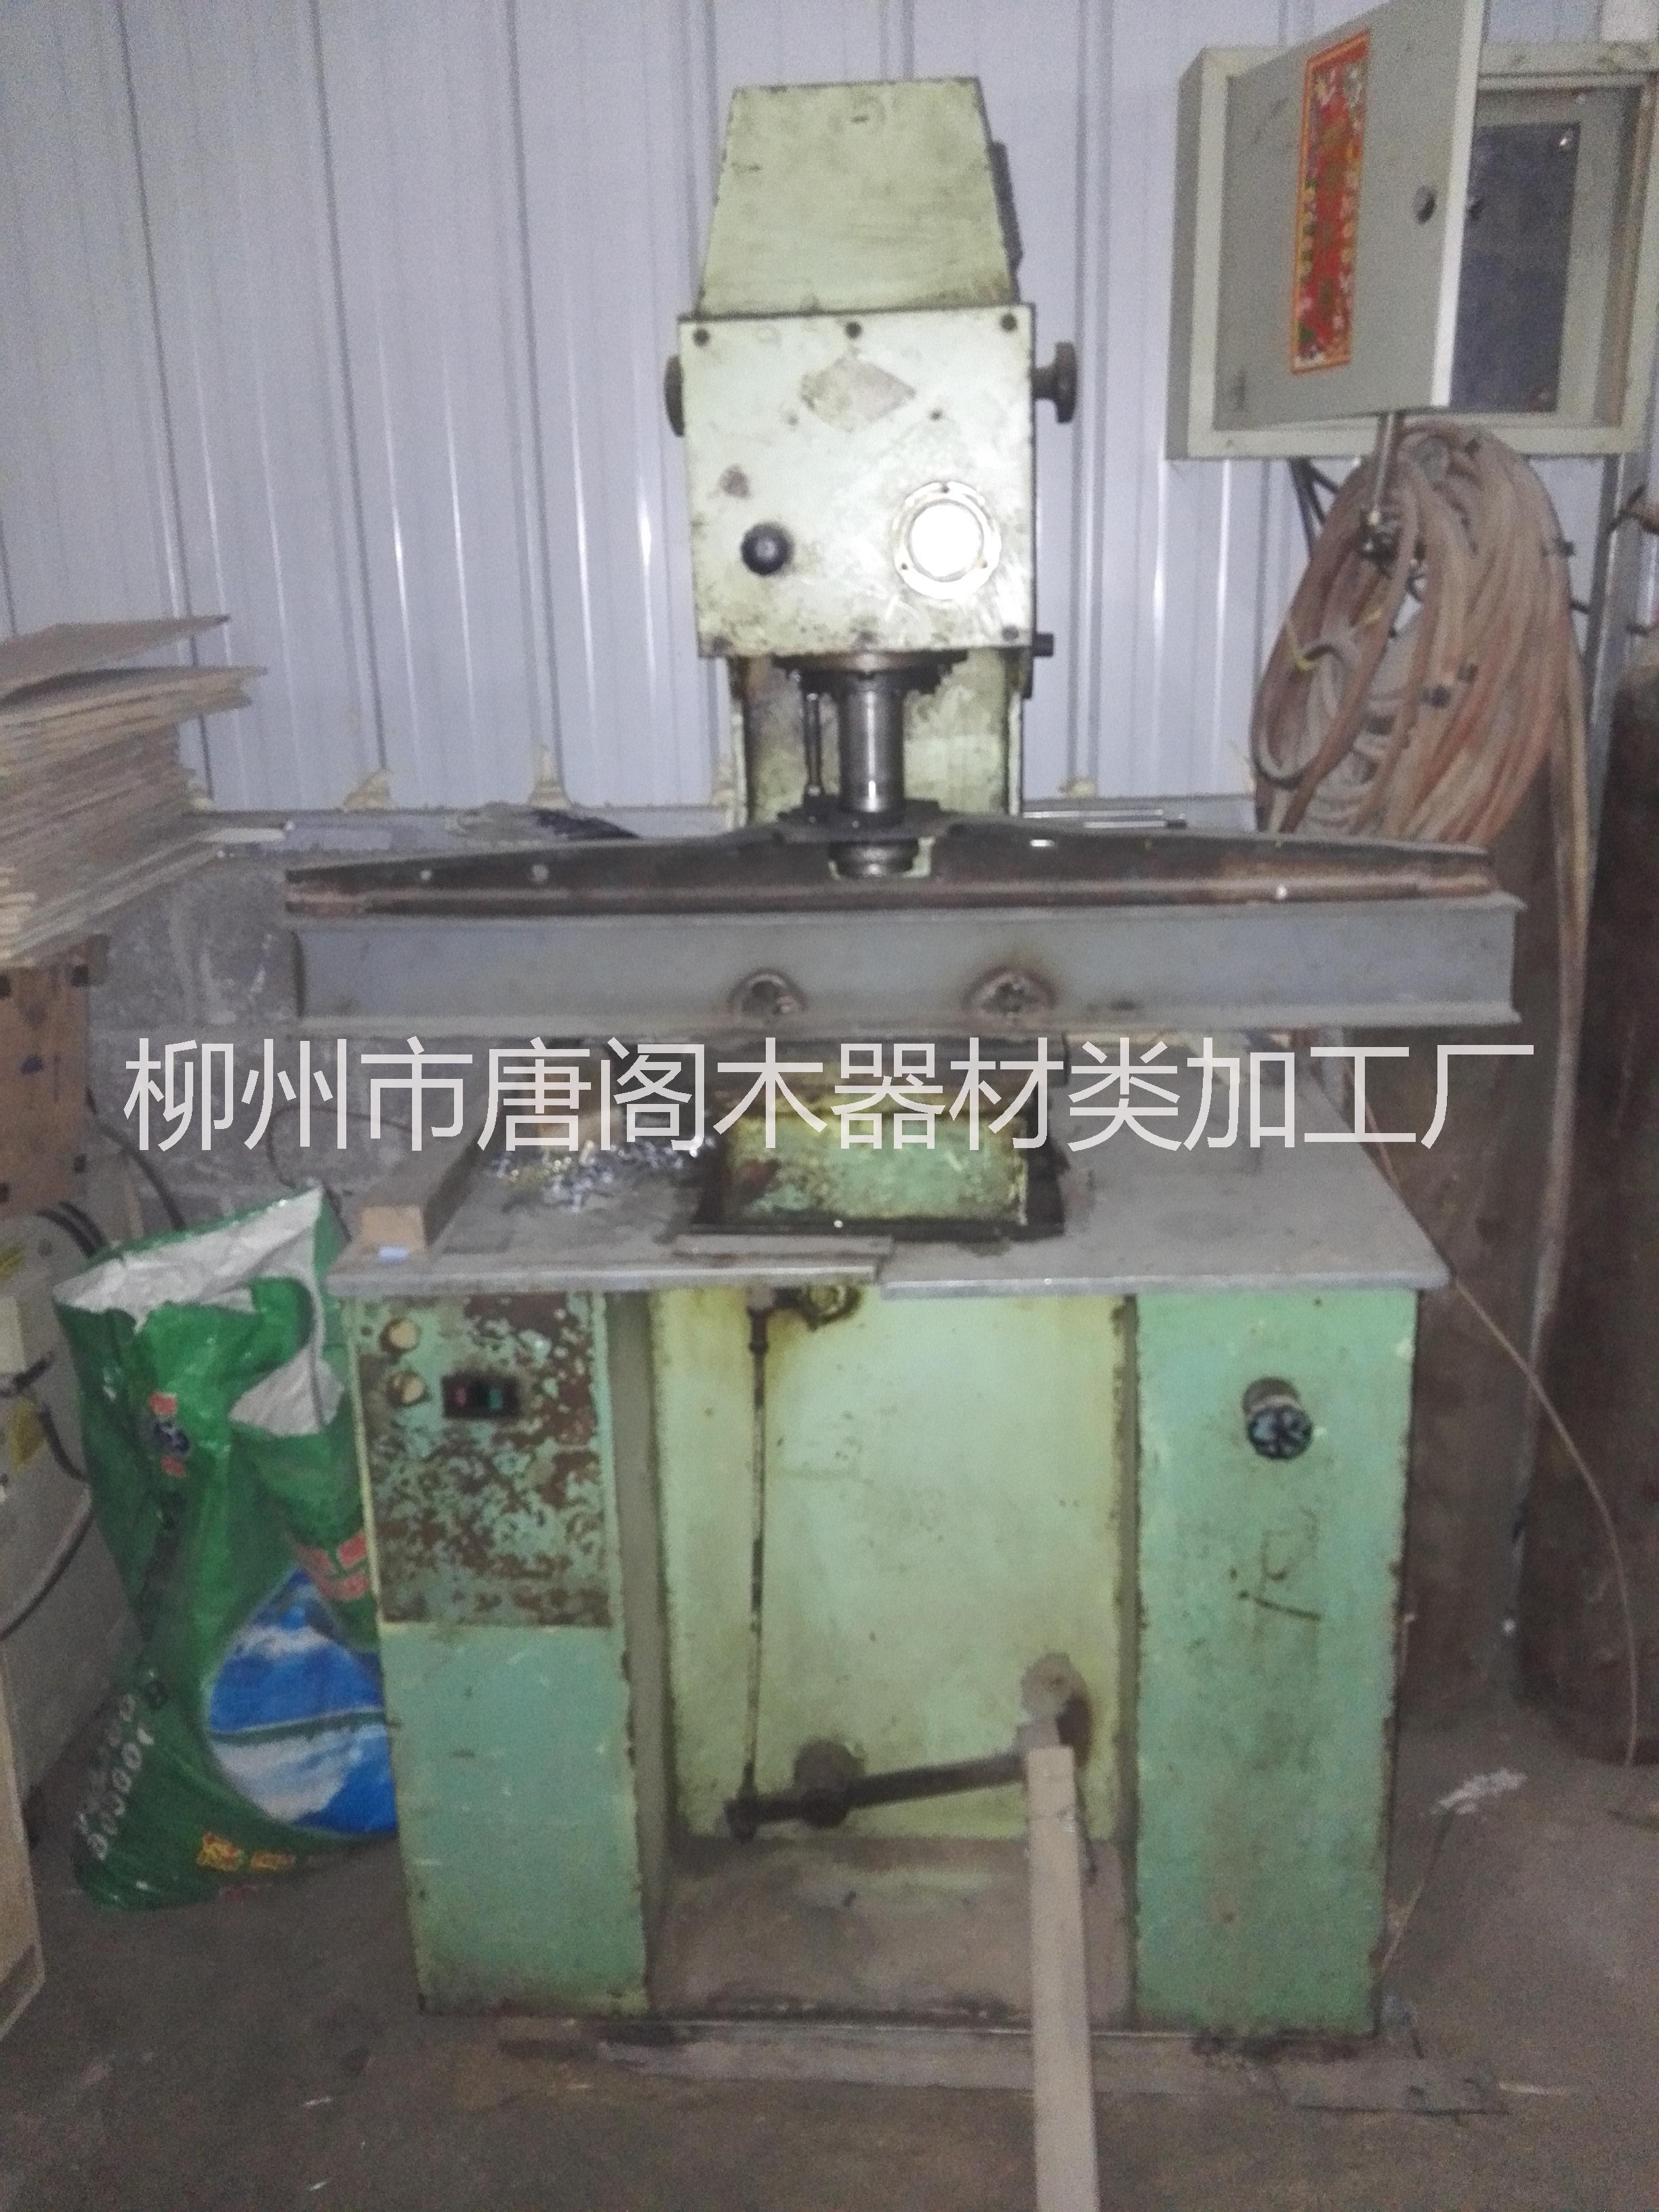 柳州钢带箱油压机价格    柳州钢带箱油压机厂家    钢带箱油压机供应商    钢带箱油压机